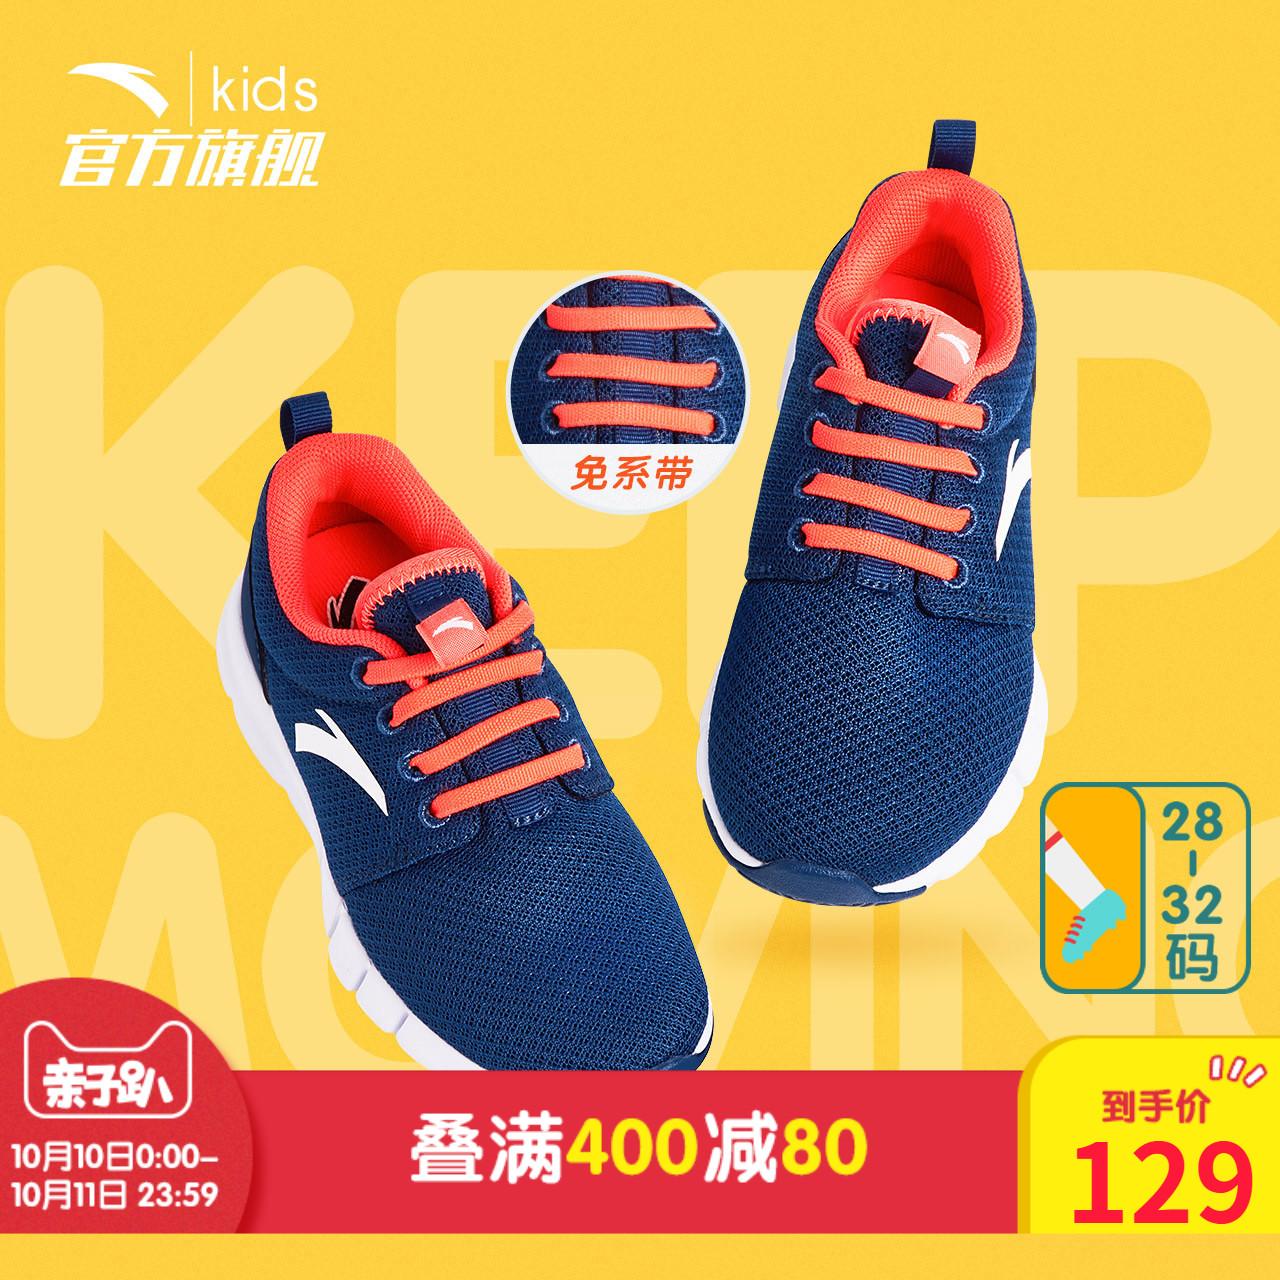 安踏儿童官方旗舰店 小童跑鞋秋季男童小童运动鞋儿童鞋子28-32码